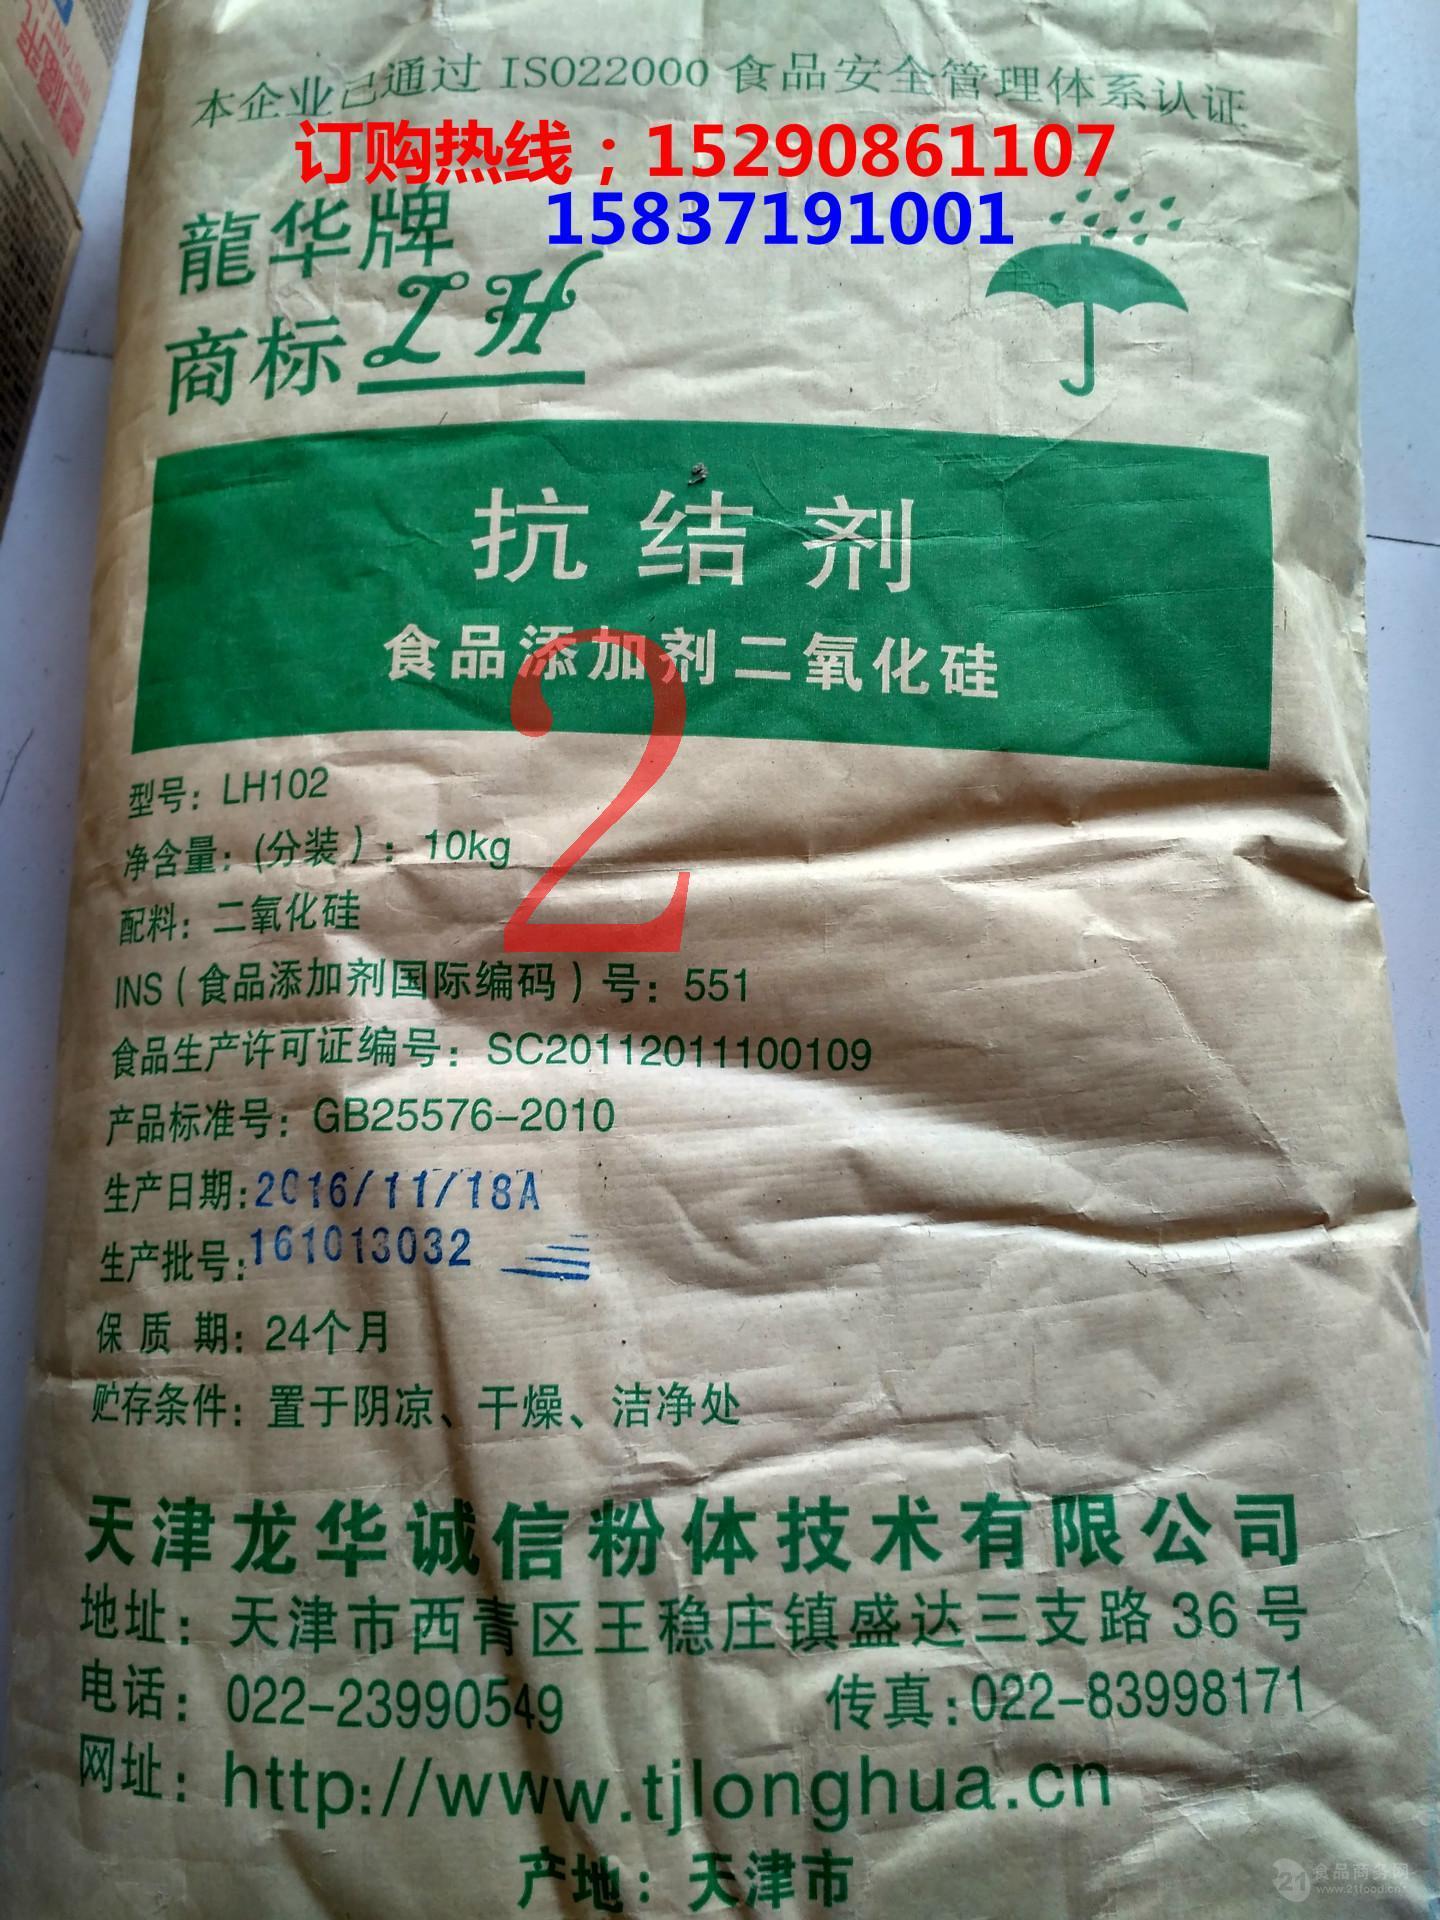 直销食品级 优质 产品 微粉硅胶10kg装 抗结剂 龙华牌二氧化硅